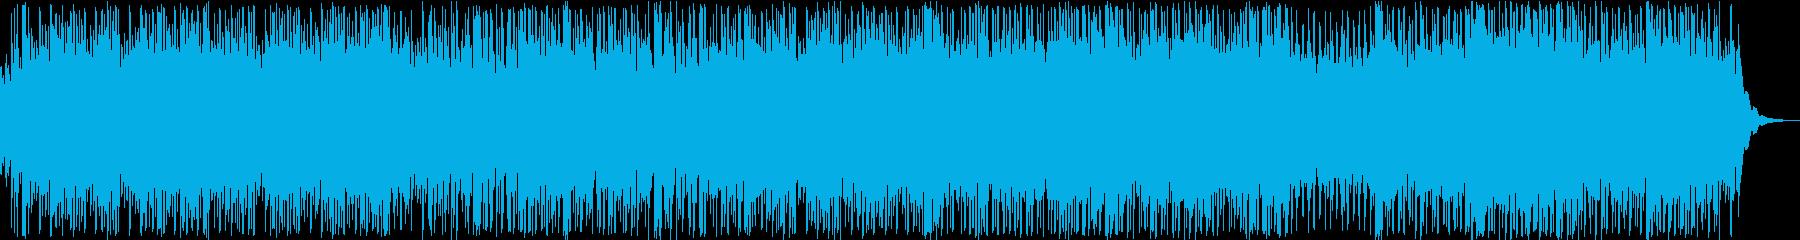 ノリのいい和風の琴と笛の再生済みの波形